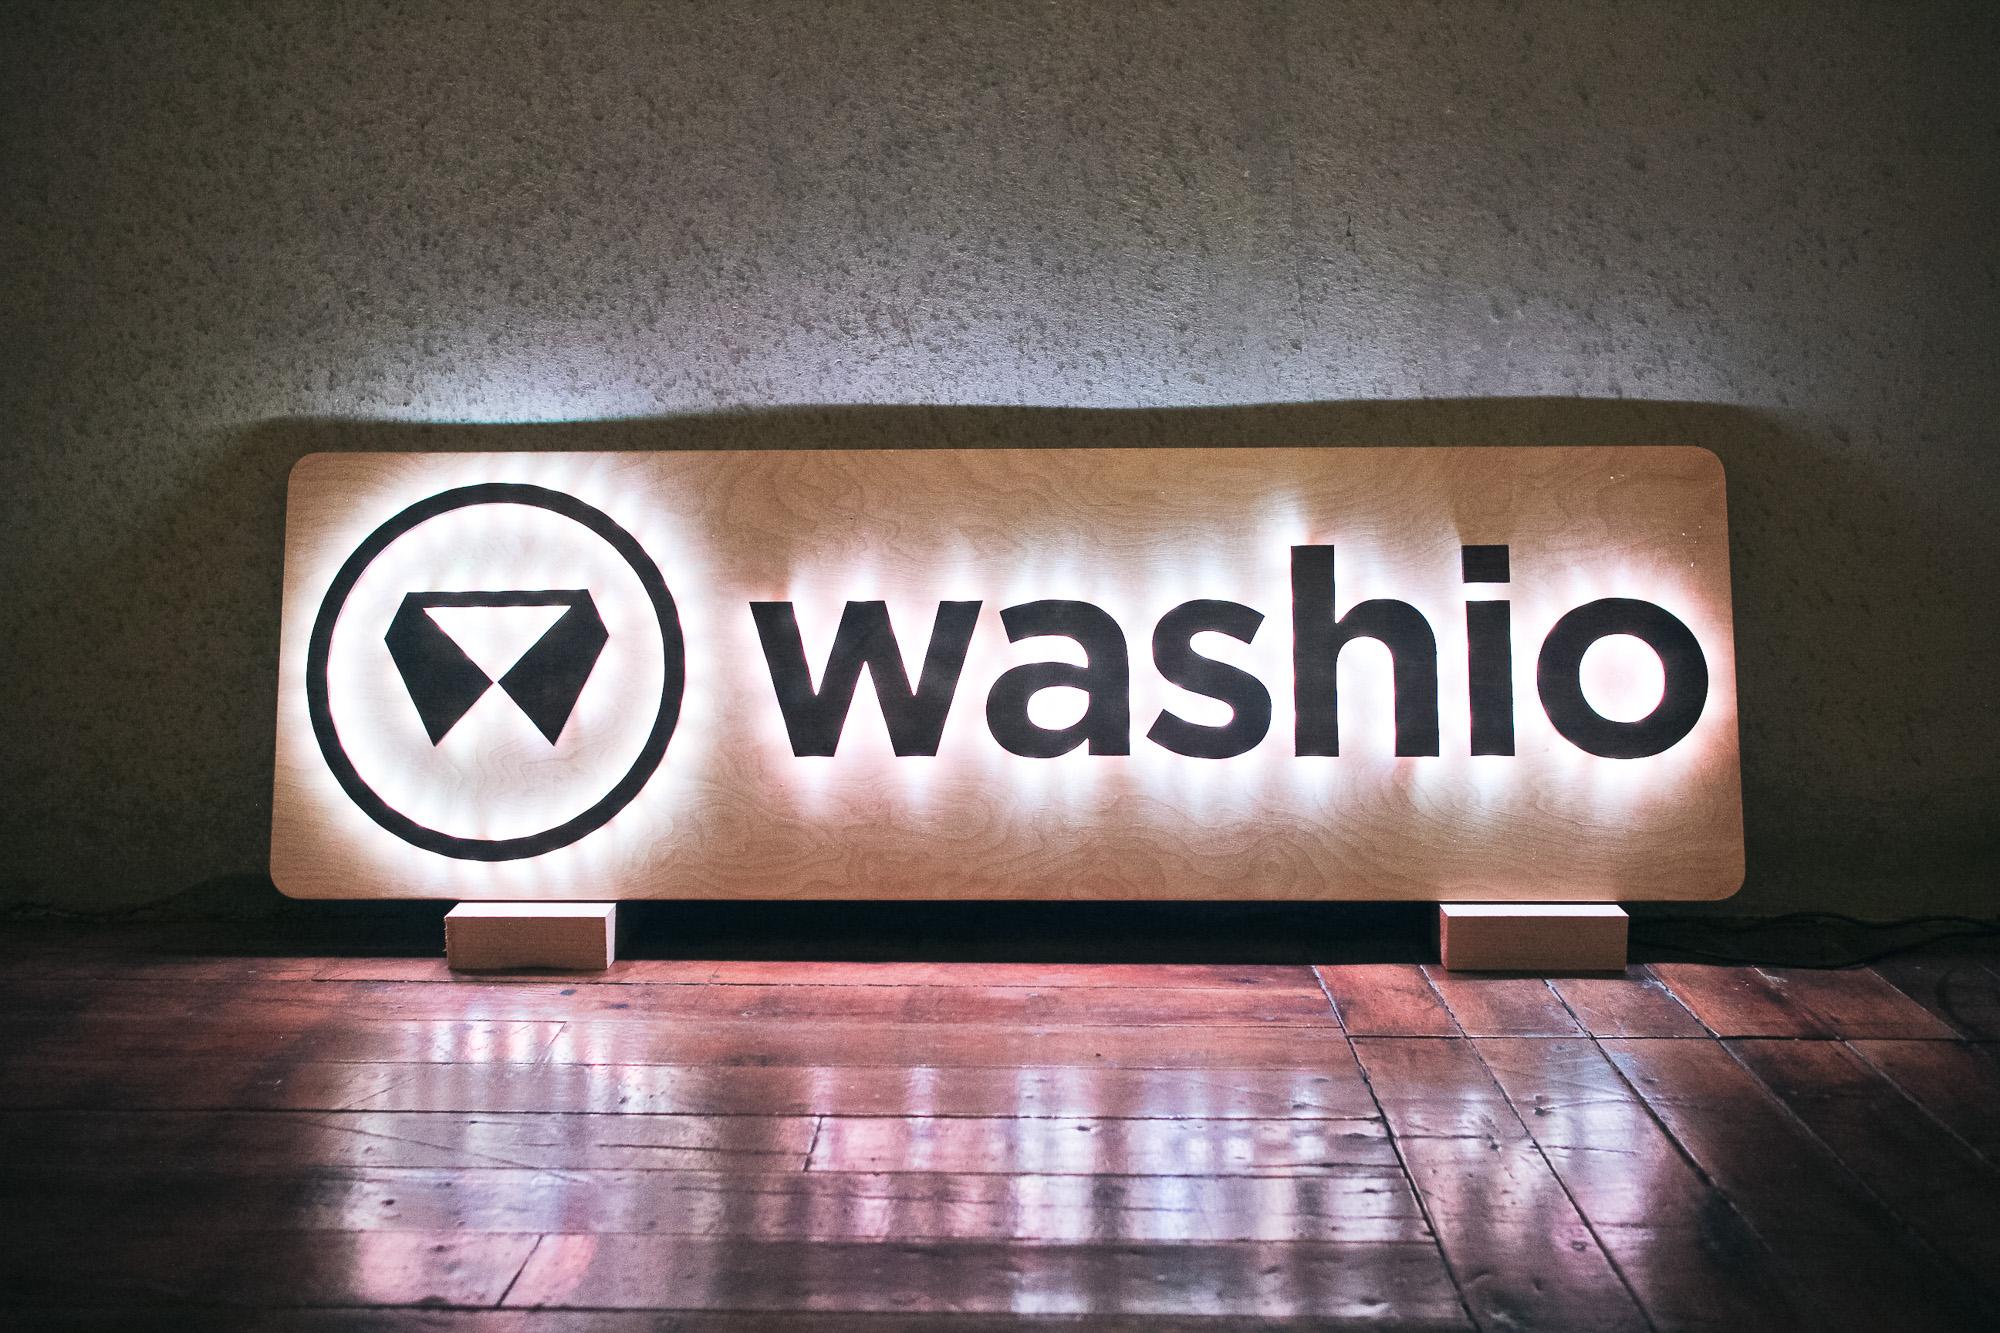 Washio illuminated wood sign